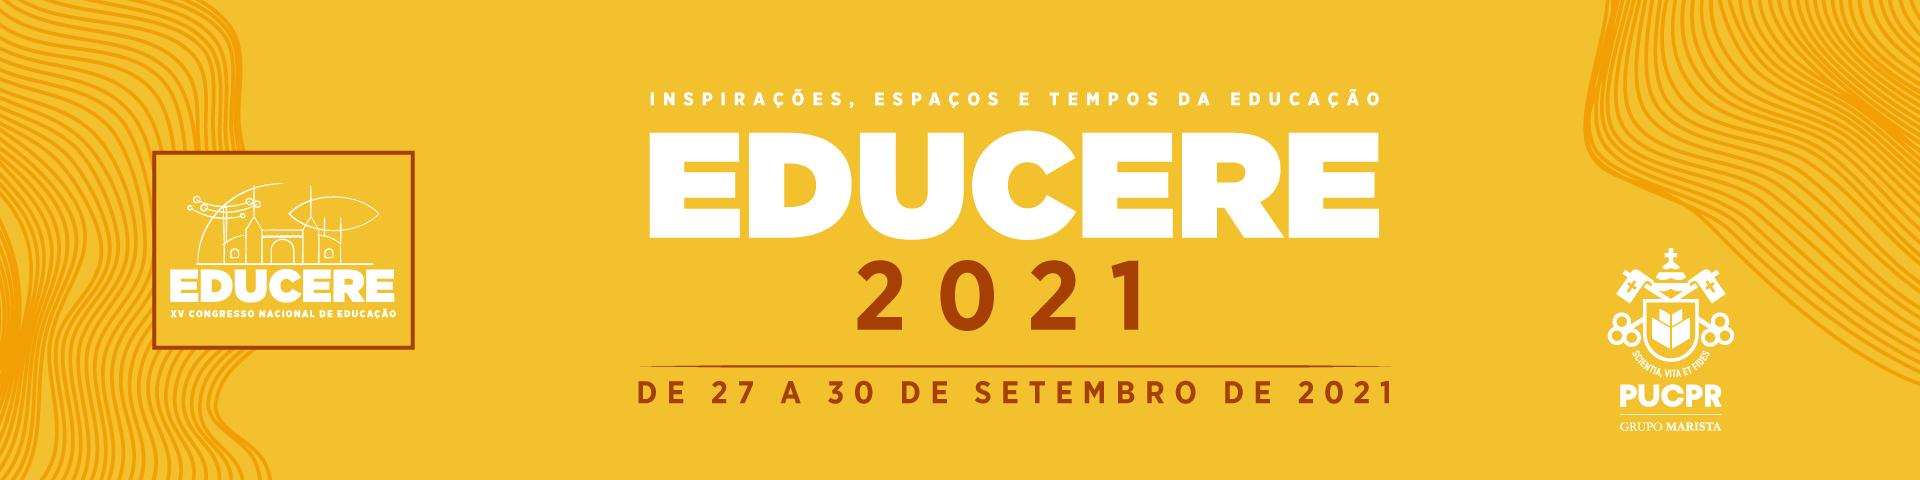 Banner - EDUCERE - Congresso Nacional de Educação